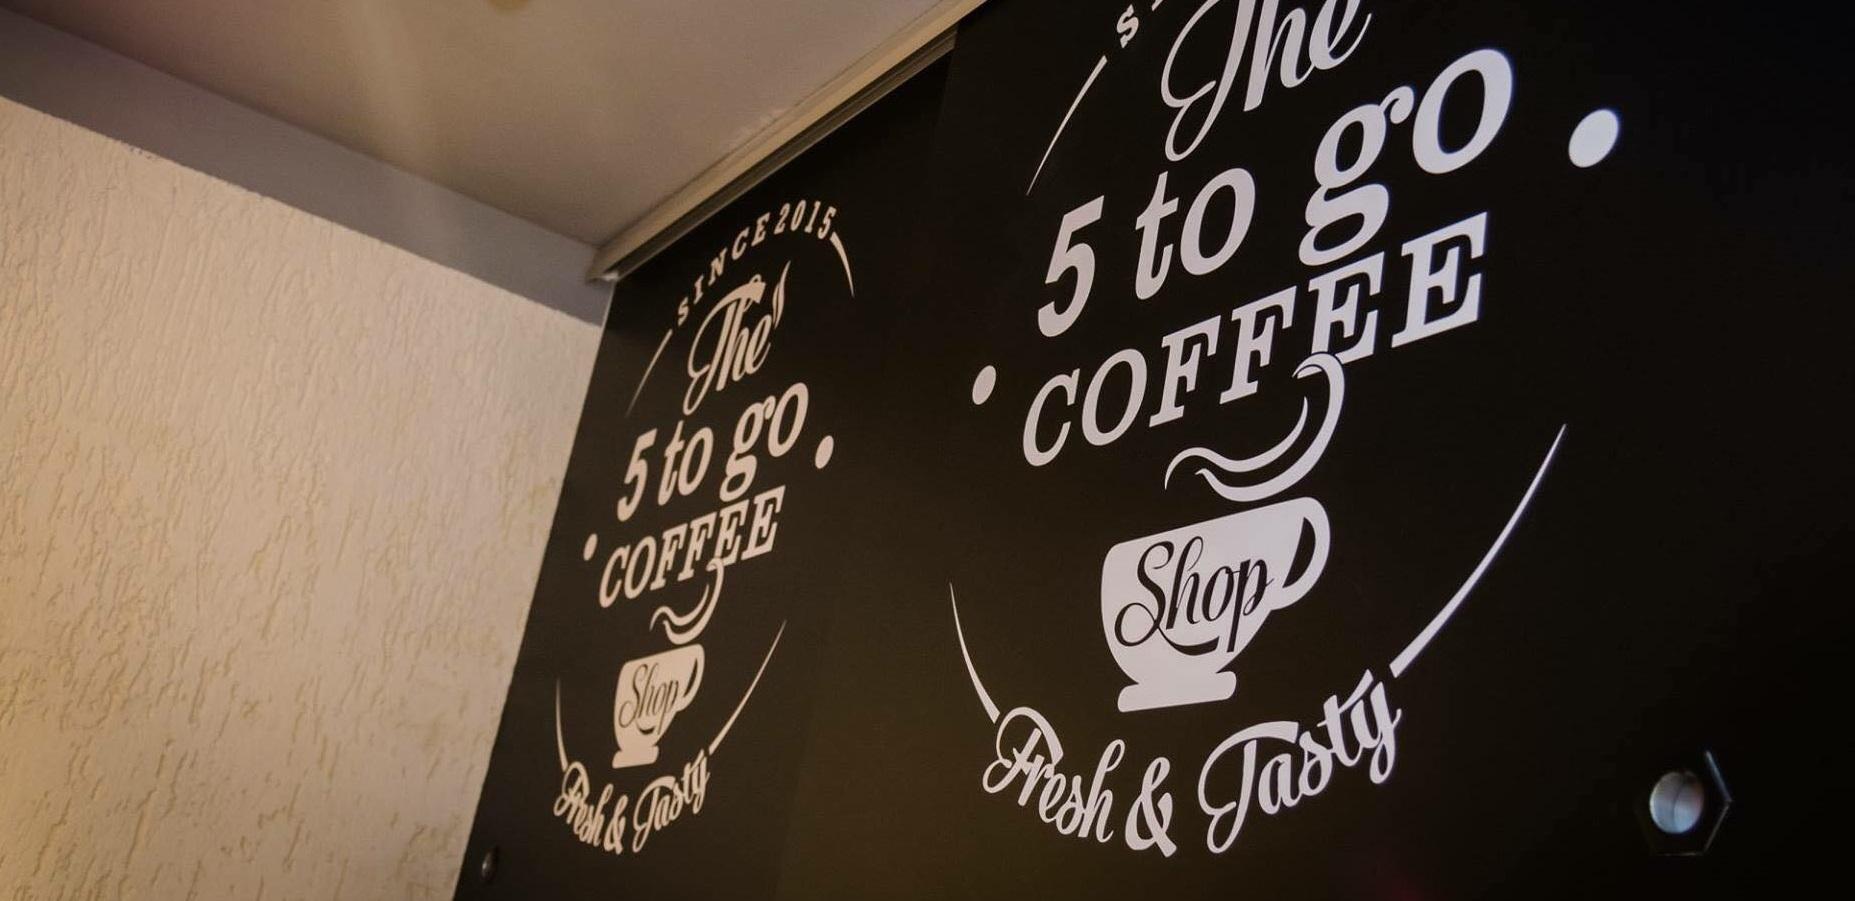 Lanţul de cafenele 5 to go şi-a dublat reţeaua la 100 de unităţi şi cifra de afaceri la 5,5 mil. euro în 2018